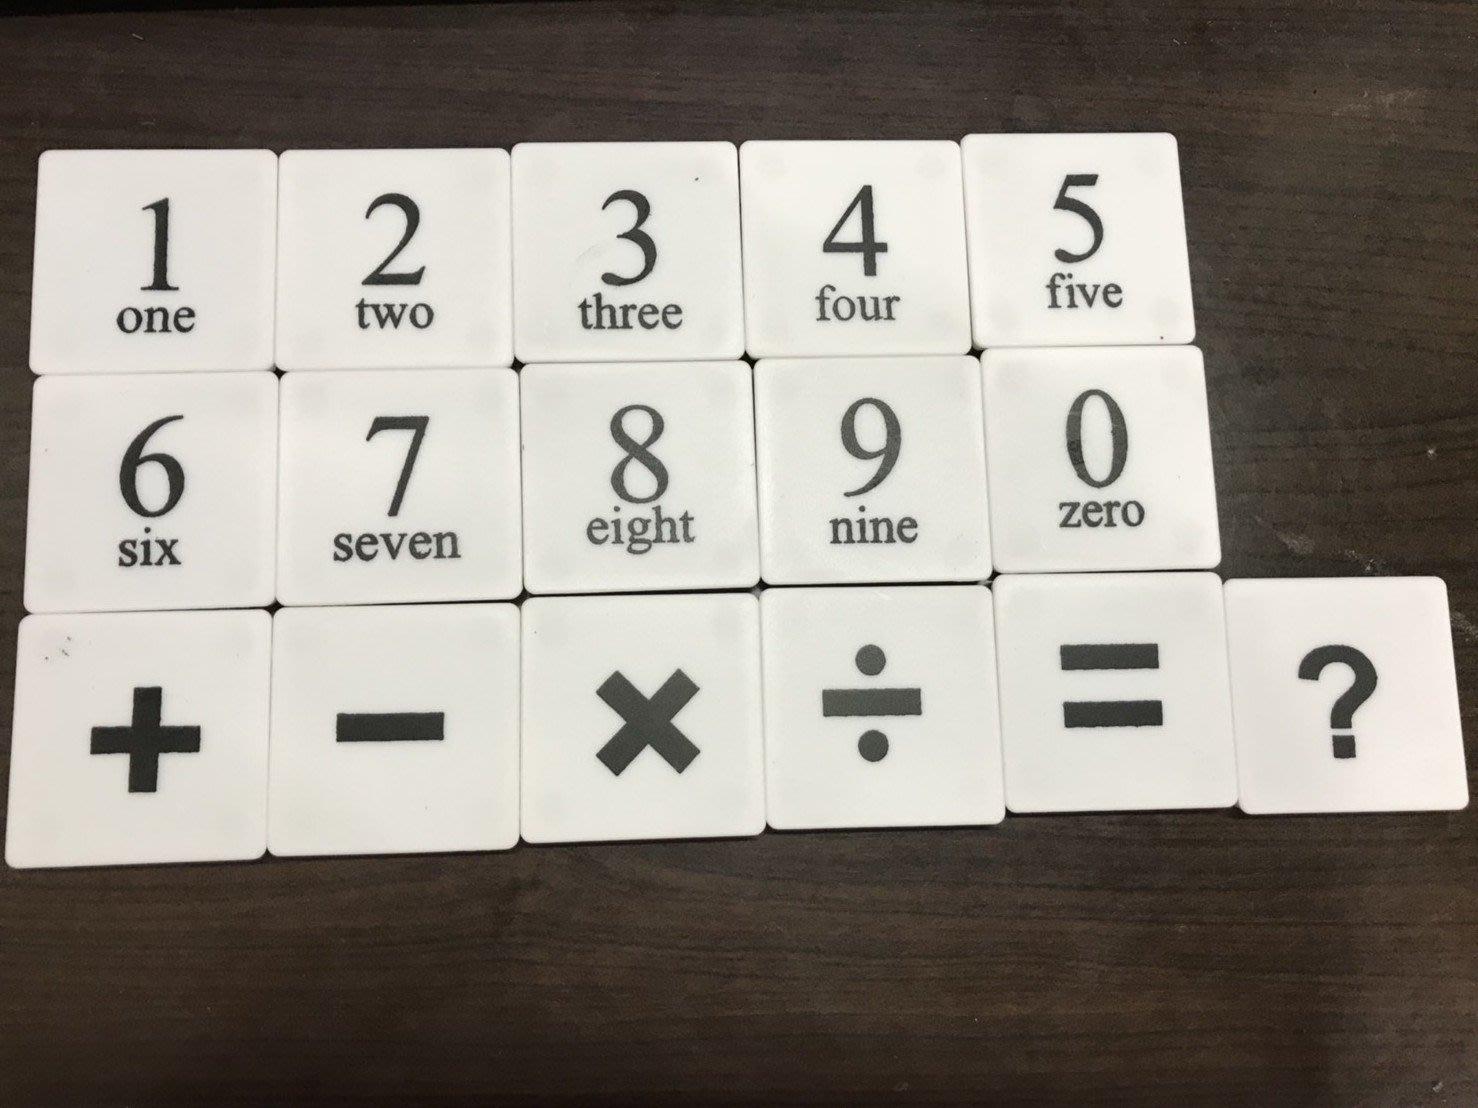 妍希小舖 字卡  數字字卡 字母卡 磁力積木 創意磁力片 磁鐵片 磁力片組 現貨